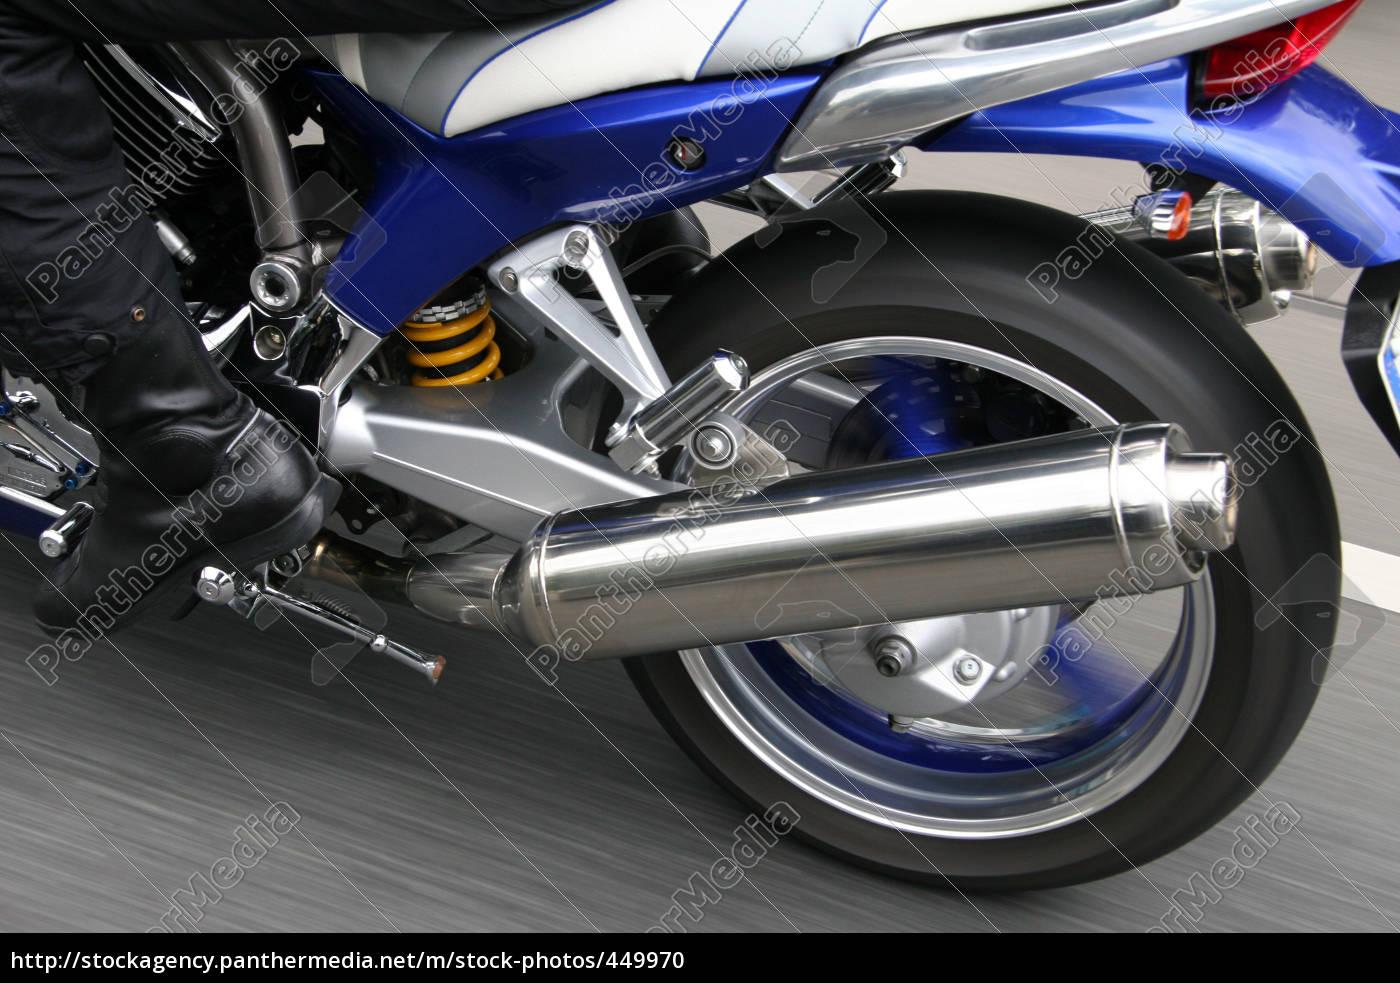 rolling, wheels - 449970